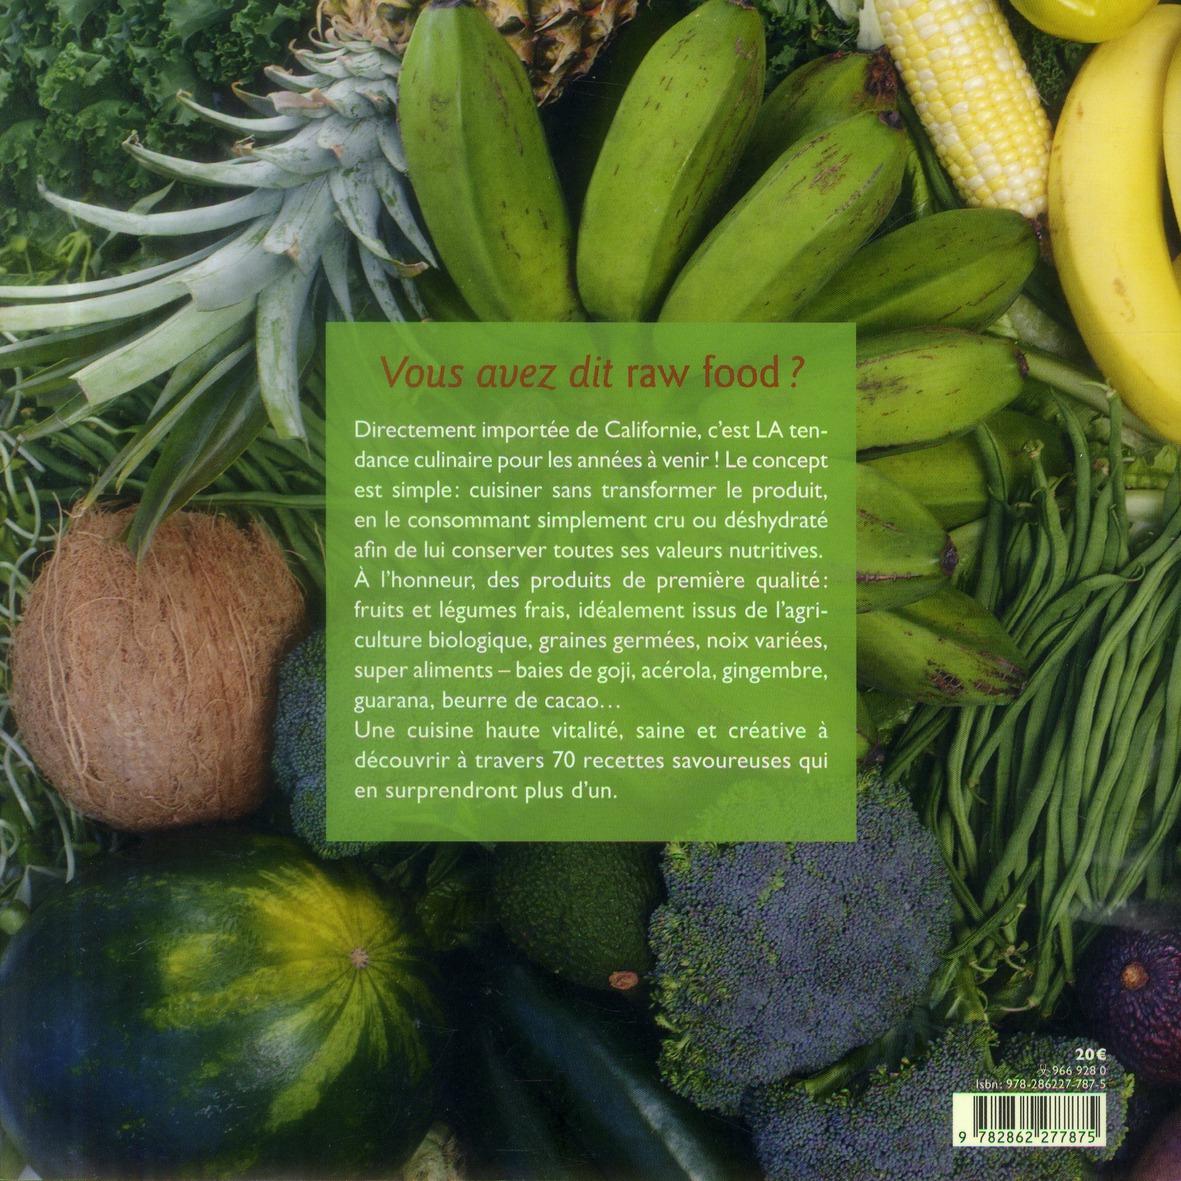 cuisiner cru ; 70 recettes raw food